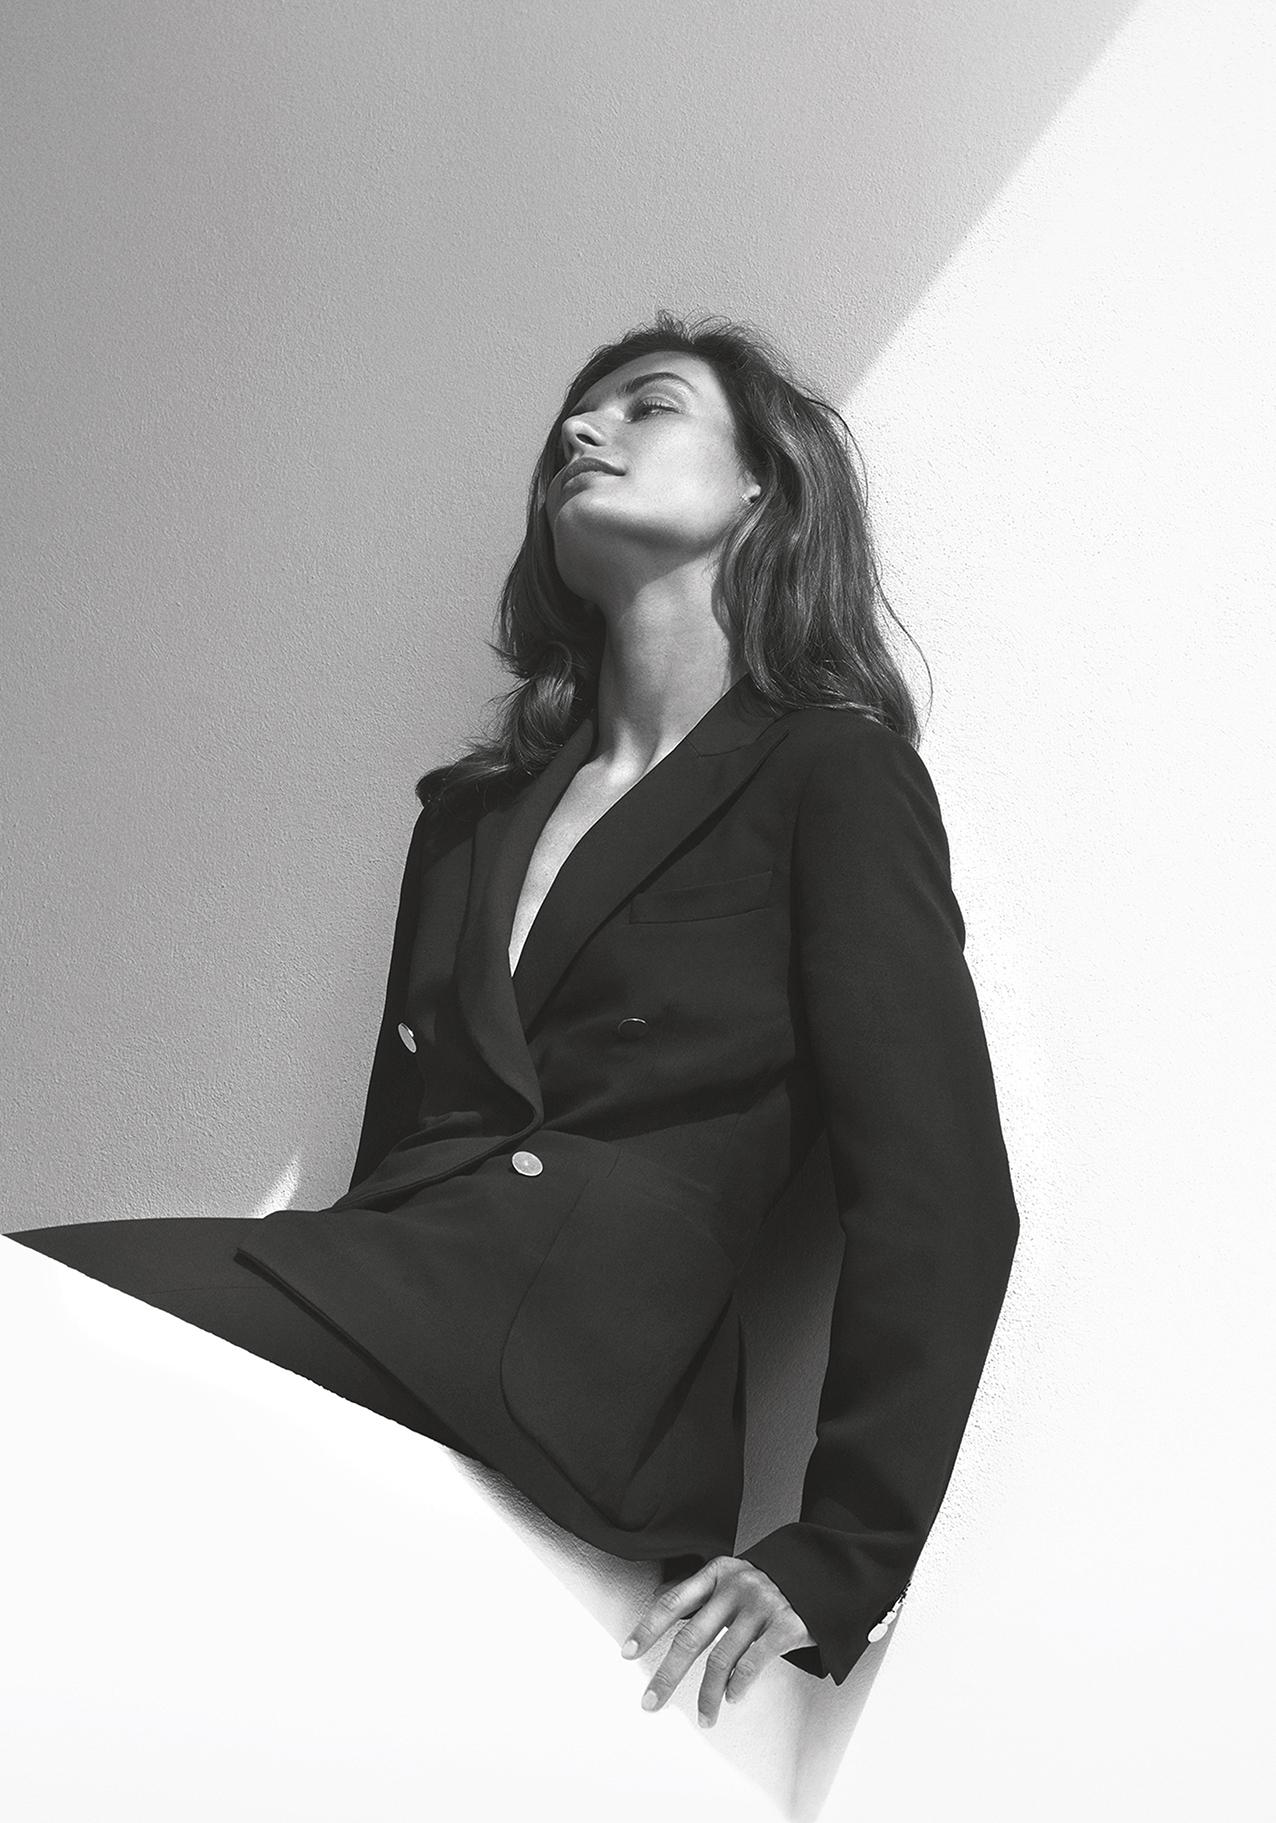 loro-piana_ss19-campaign_woman-8